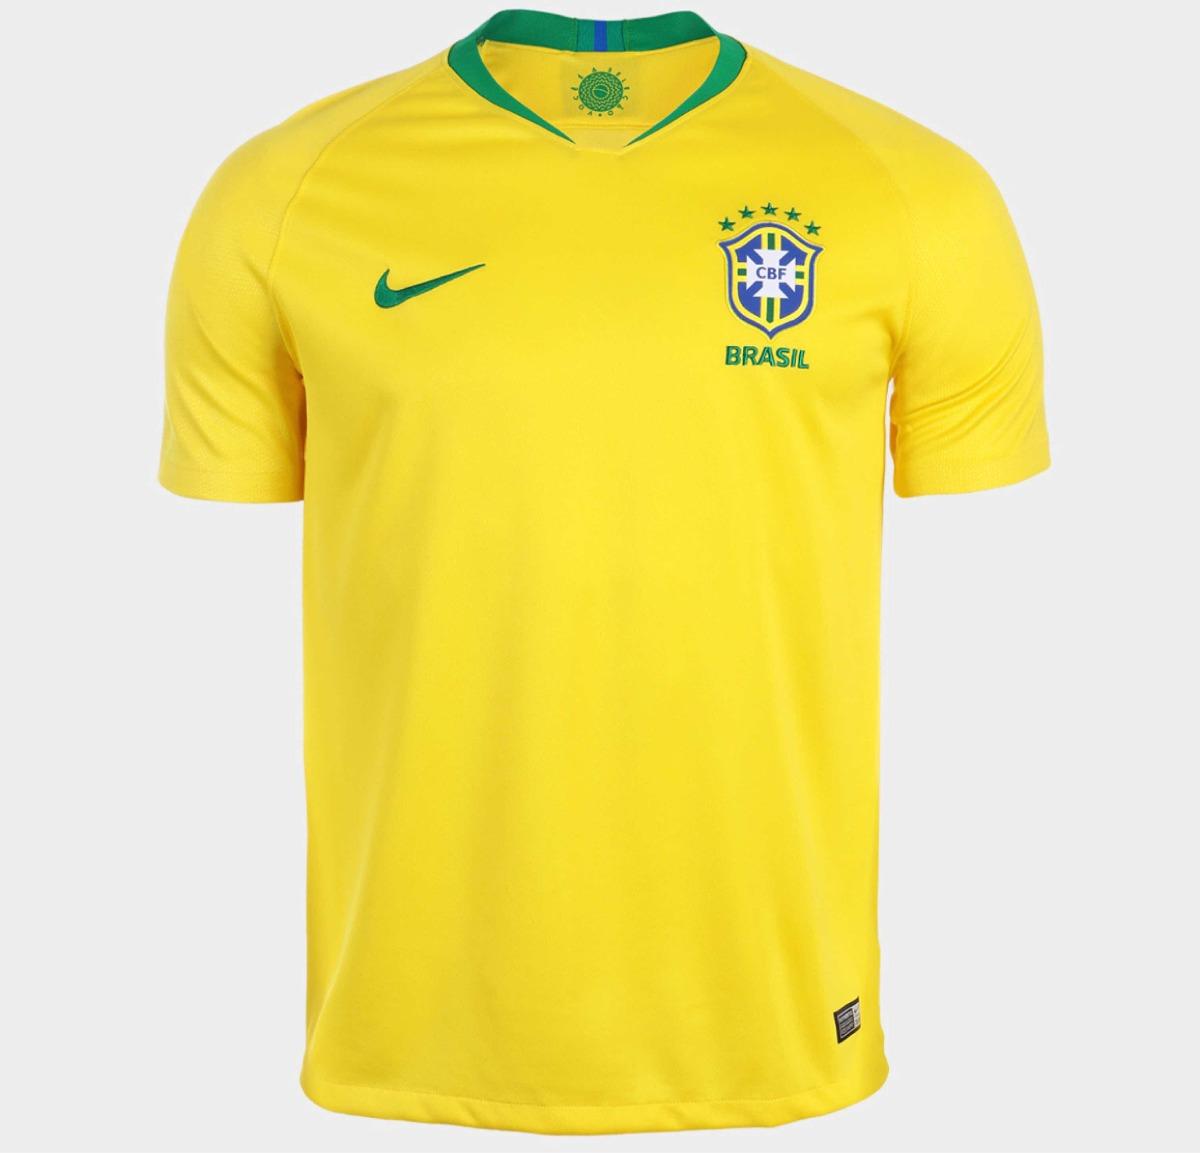 6fb53100c2 camisa seleção brasil home nike 2018(original). Carregando zoom.